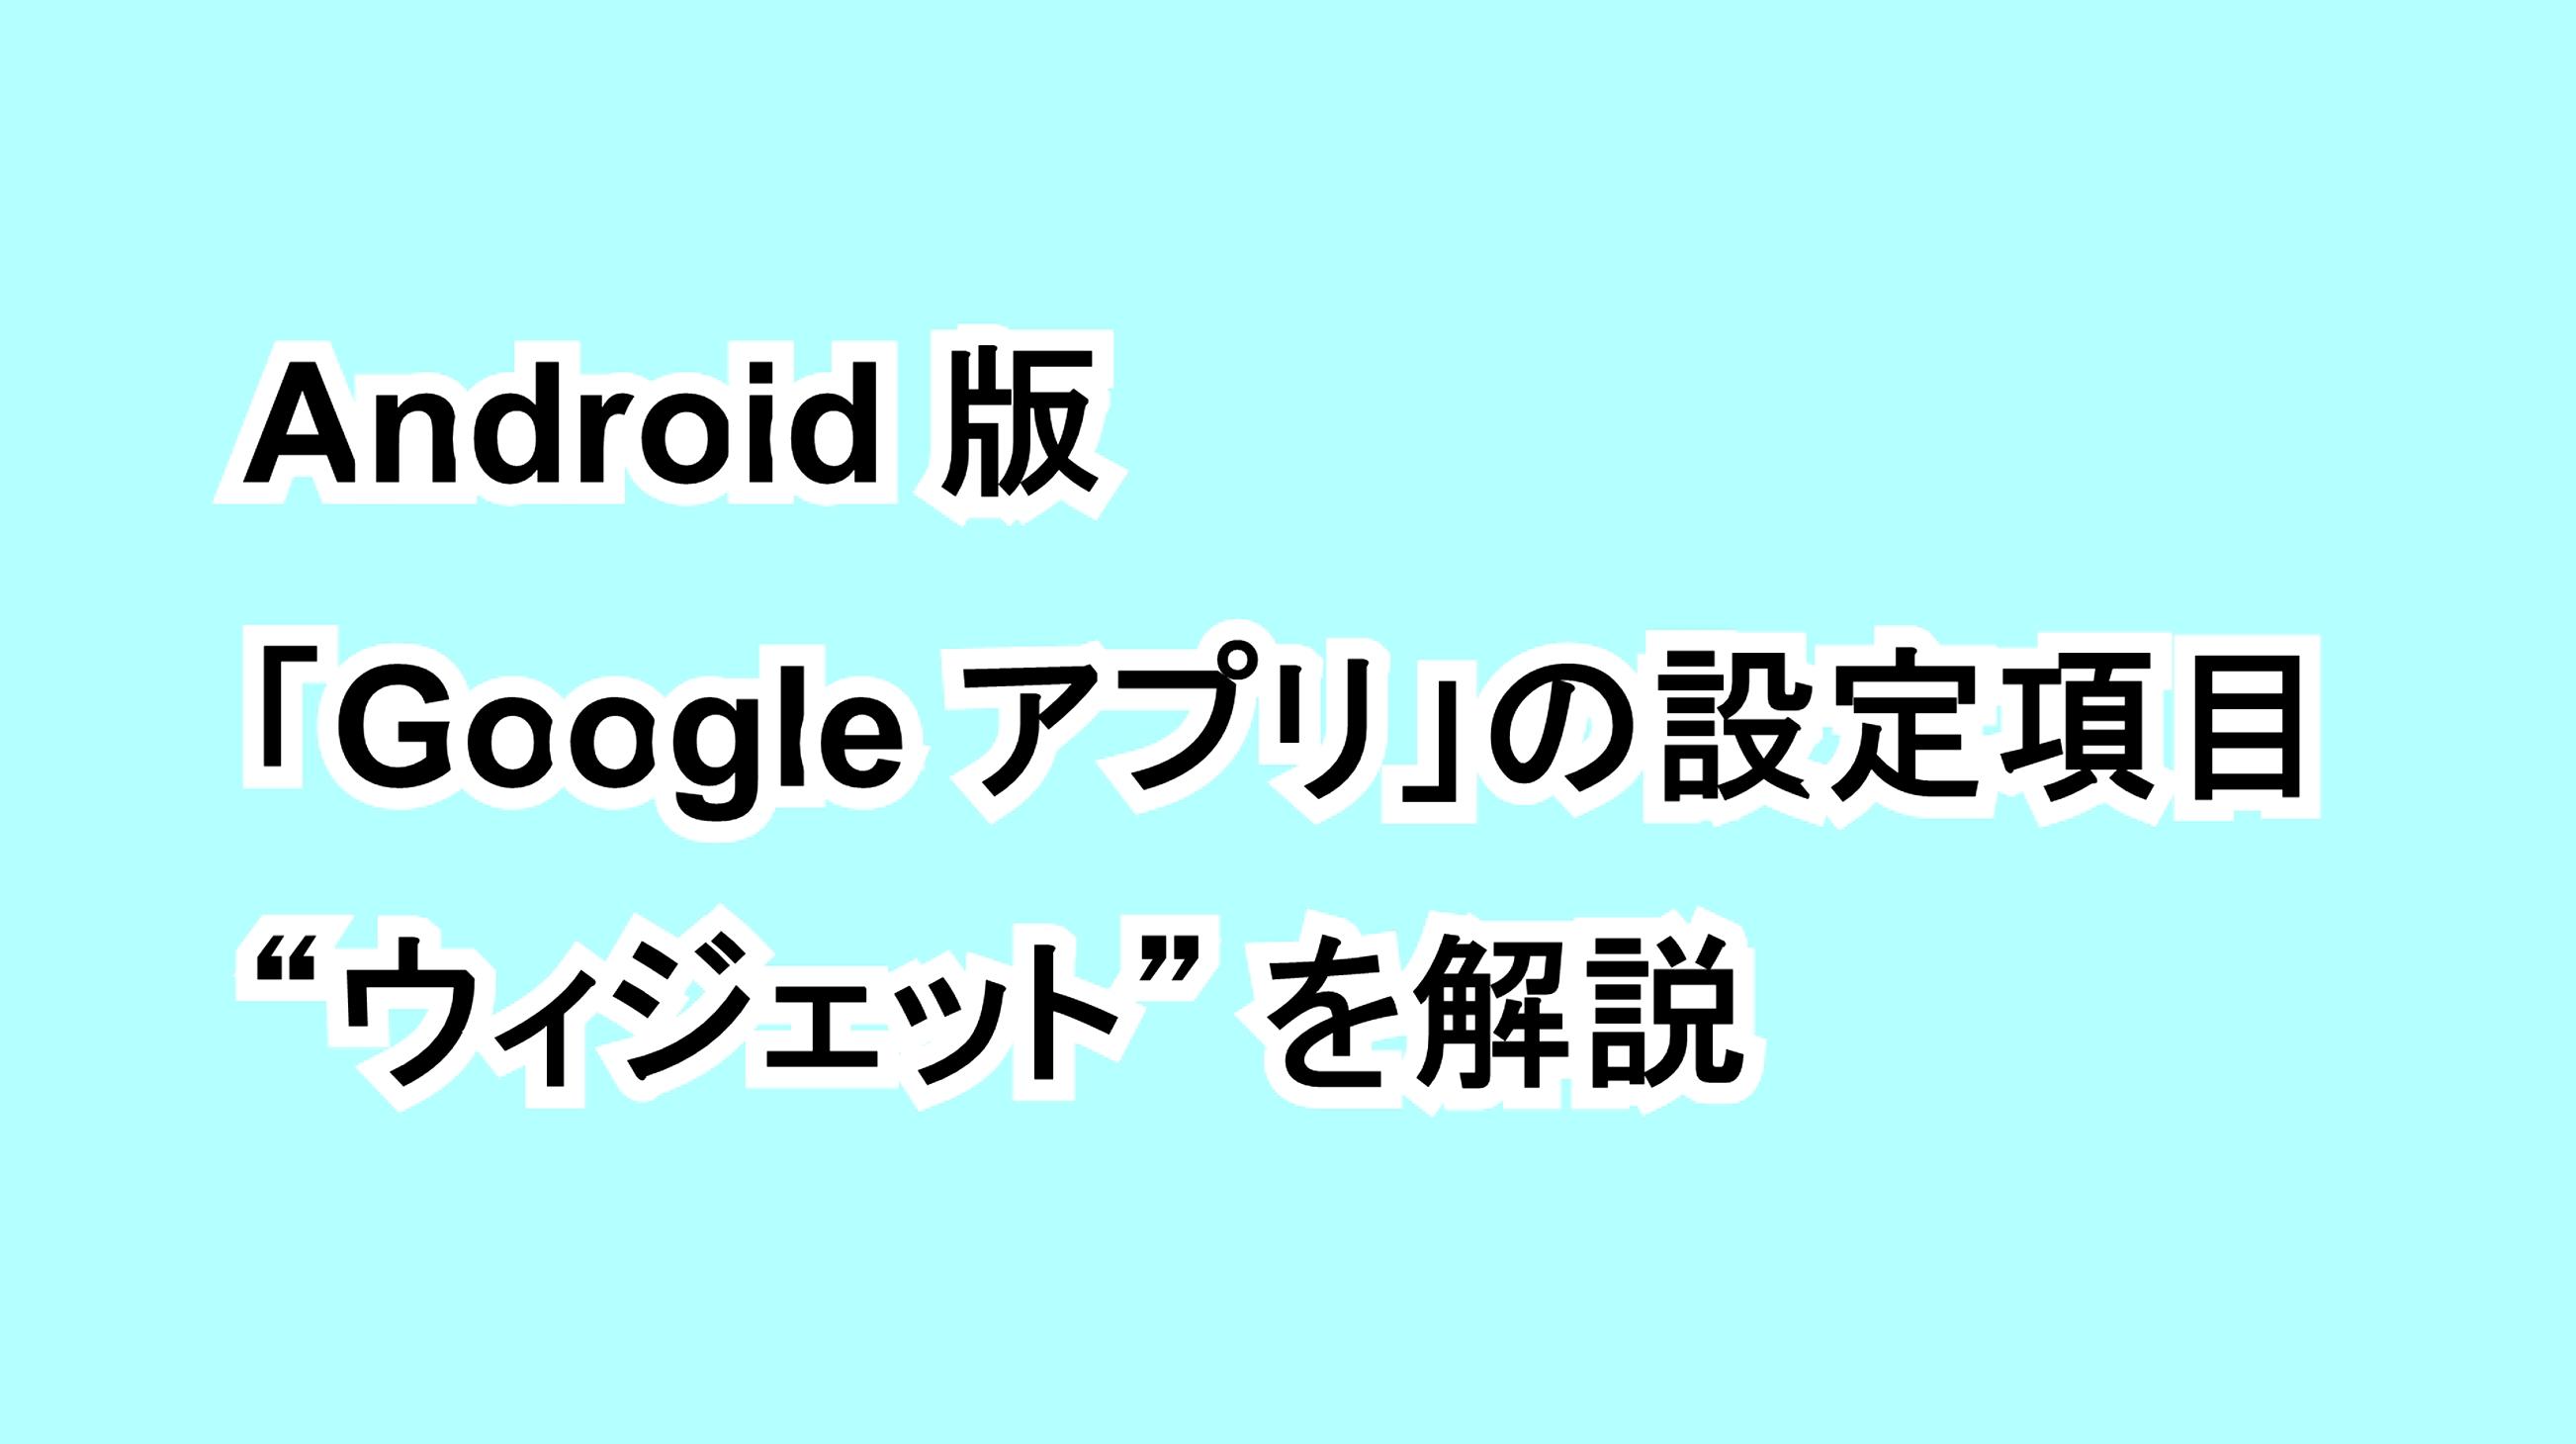 """Android版「Google アプリ」の設定項目""""ウィジェット""""を解説"""